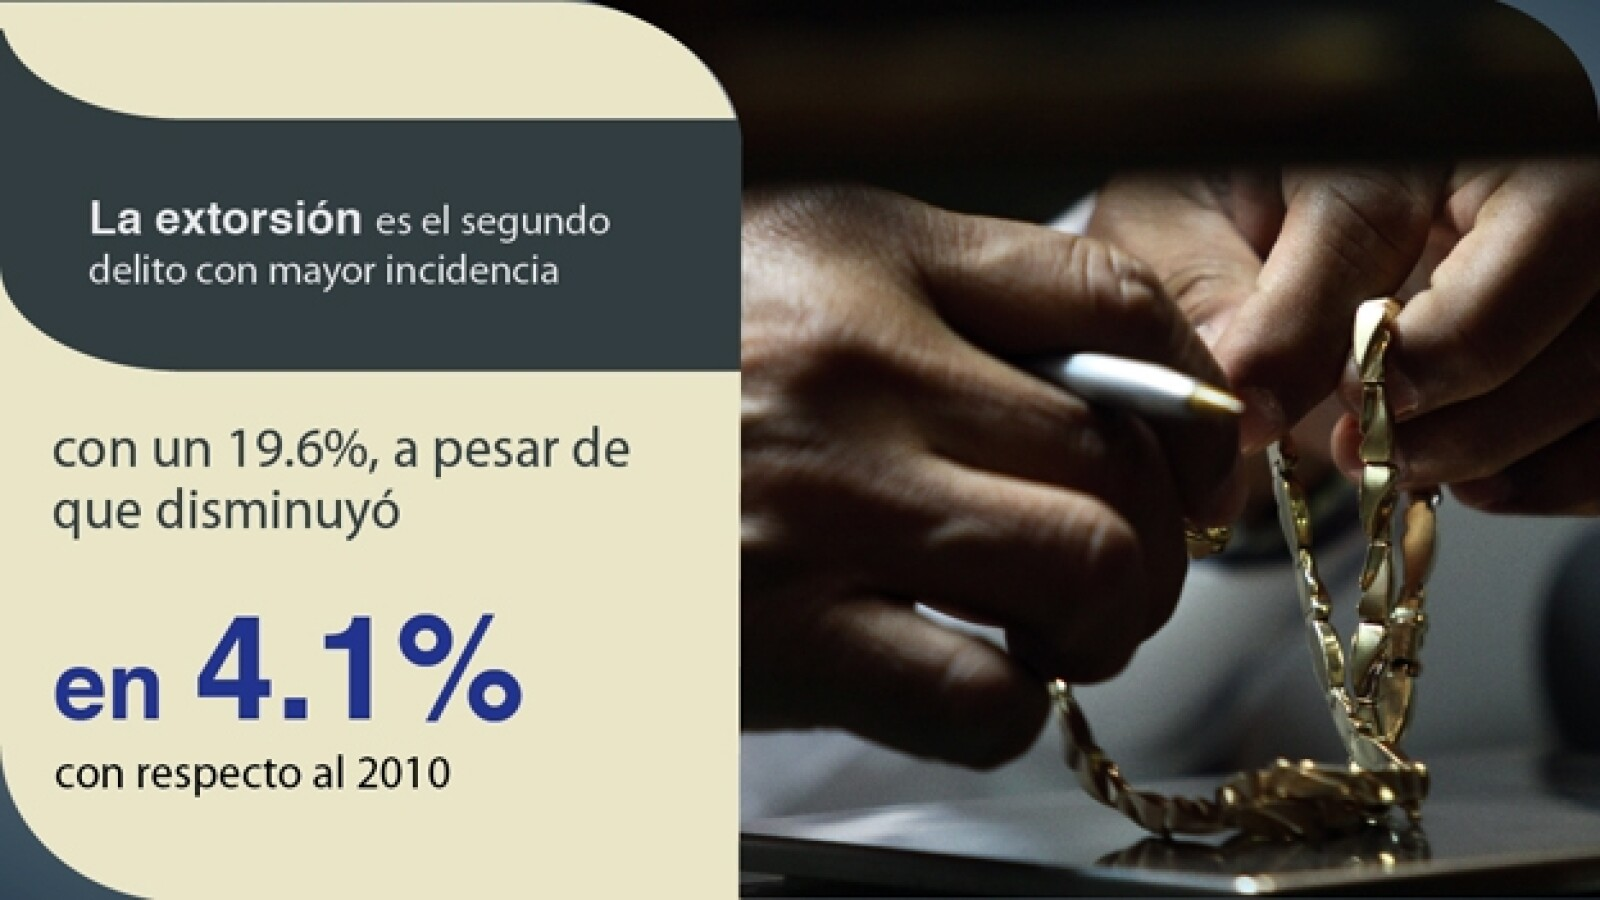 Encuesta seguridad INEGI 2012 4